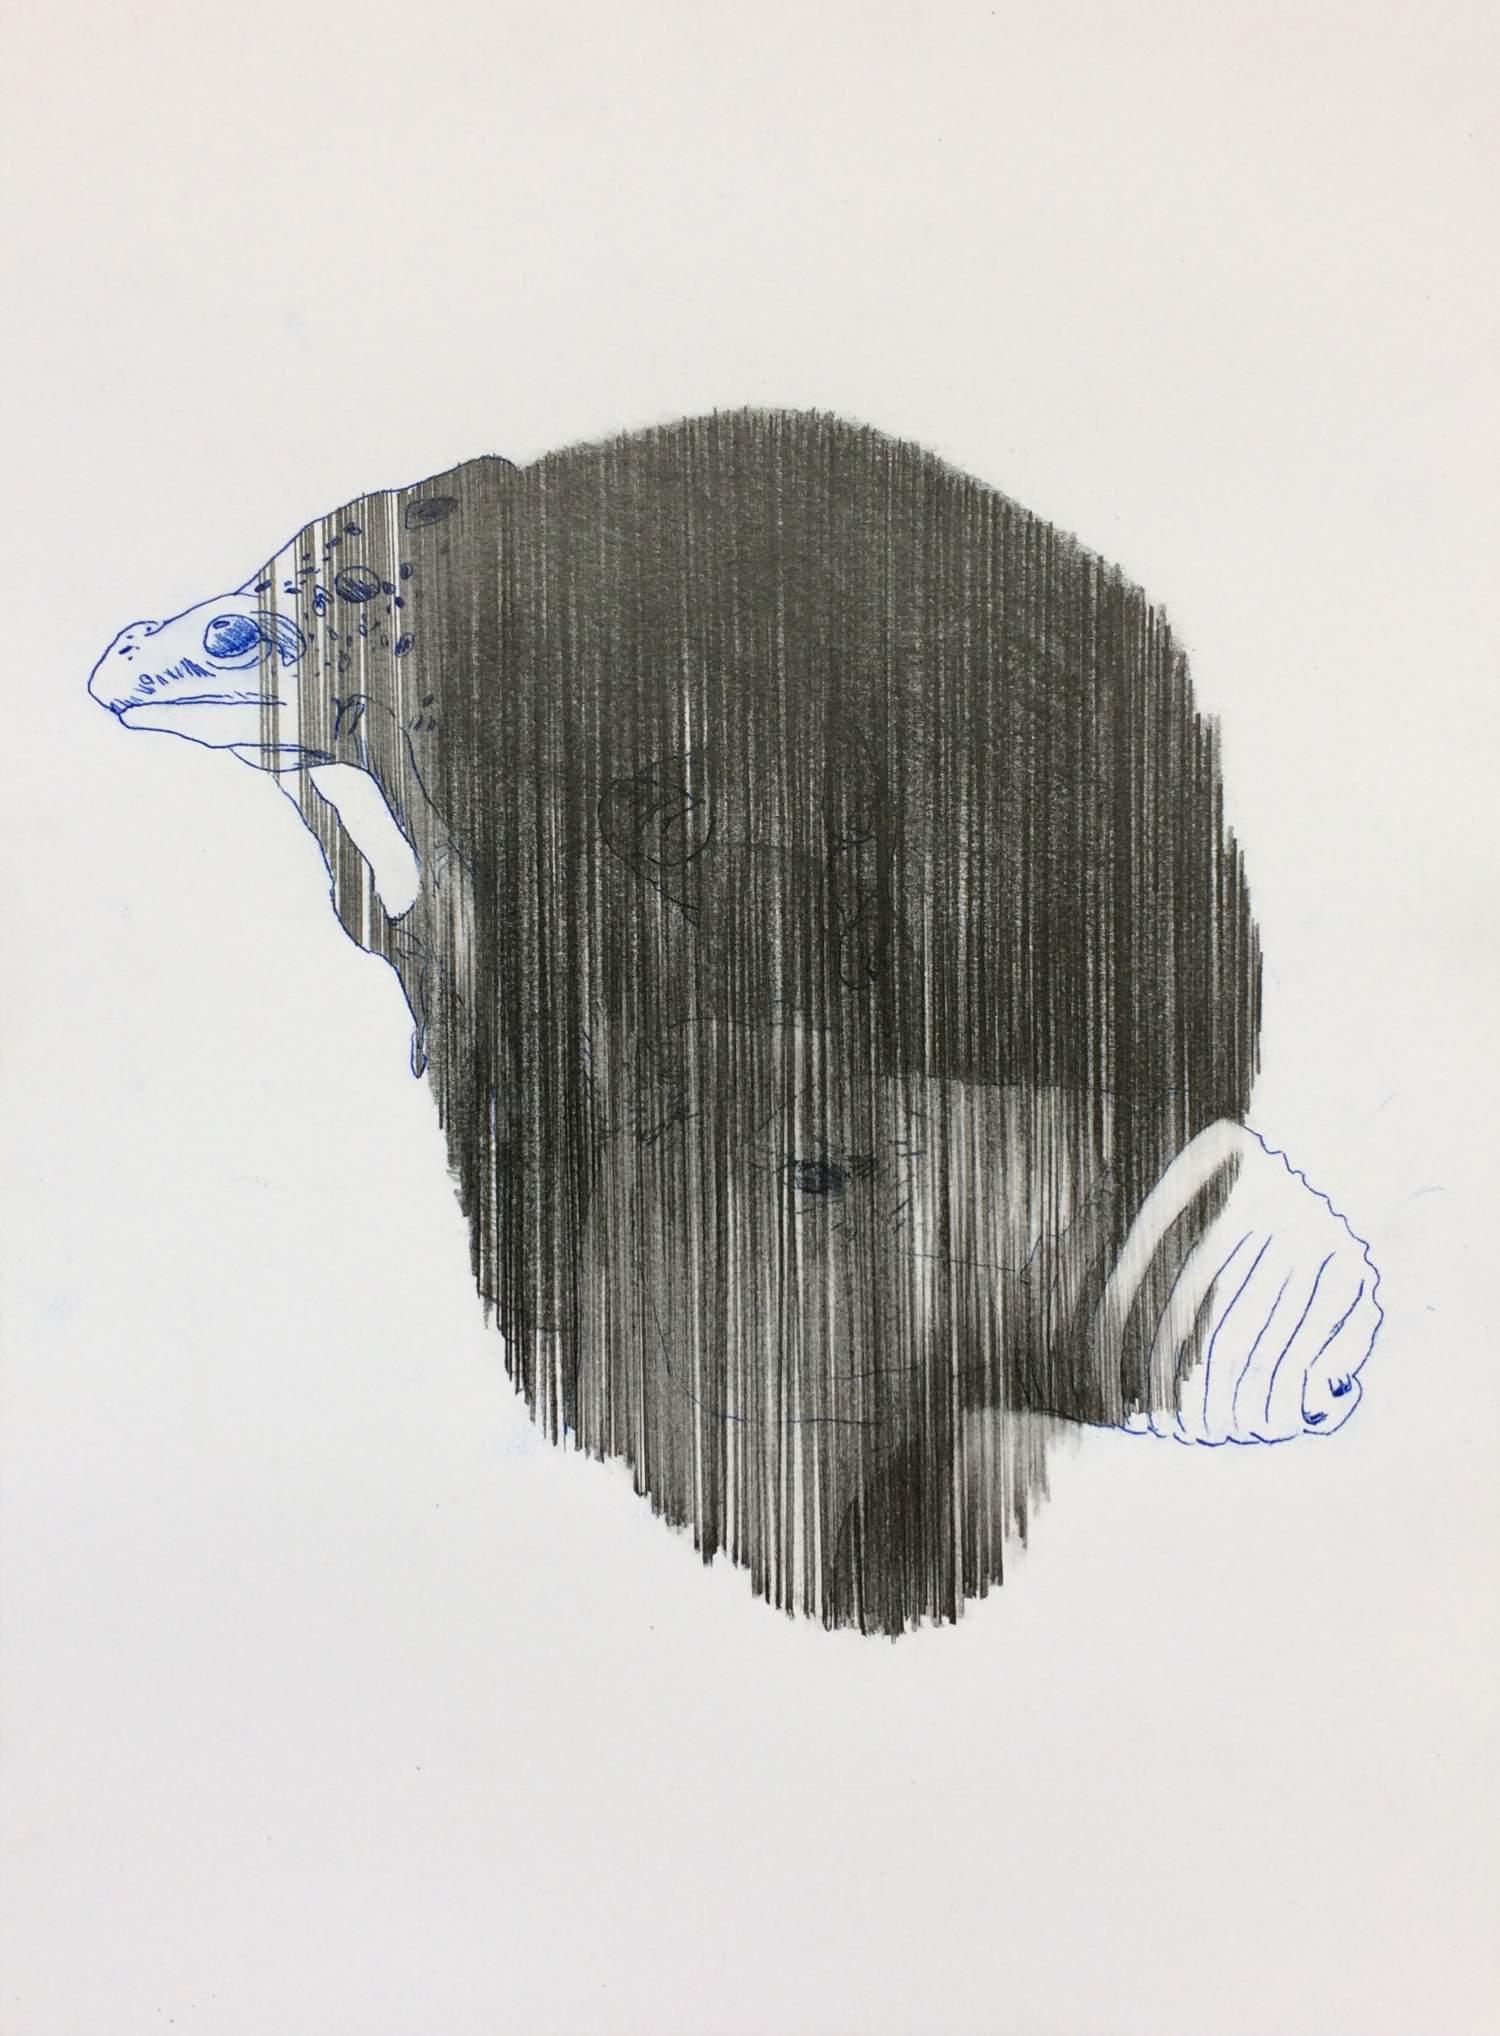 09#2019, Graphit, Farbstift und Intercopy auf Papier, 40 x 30 cm